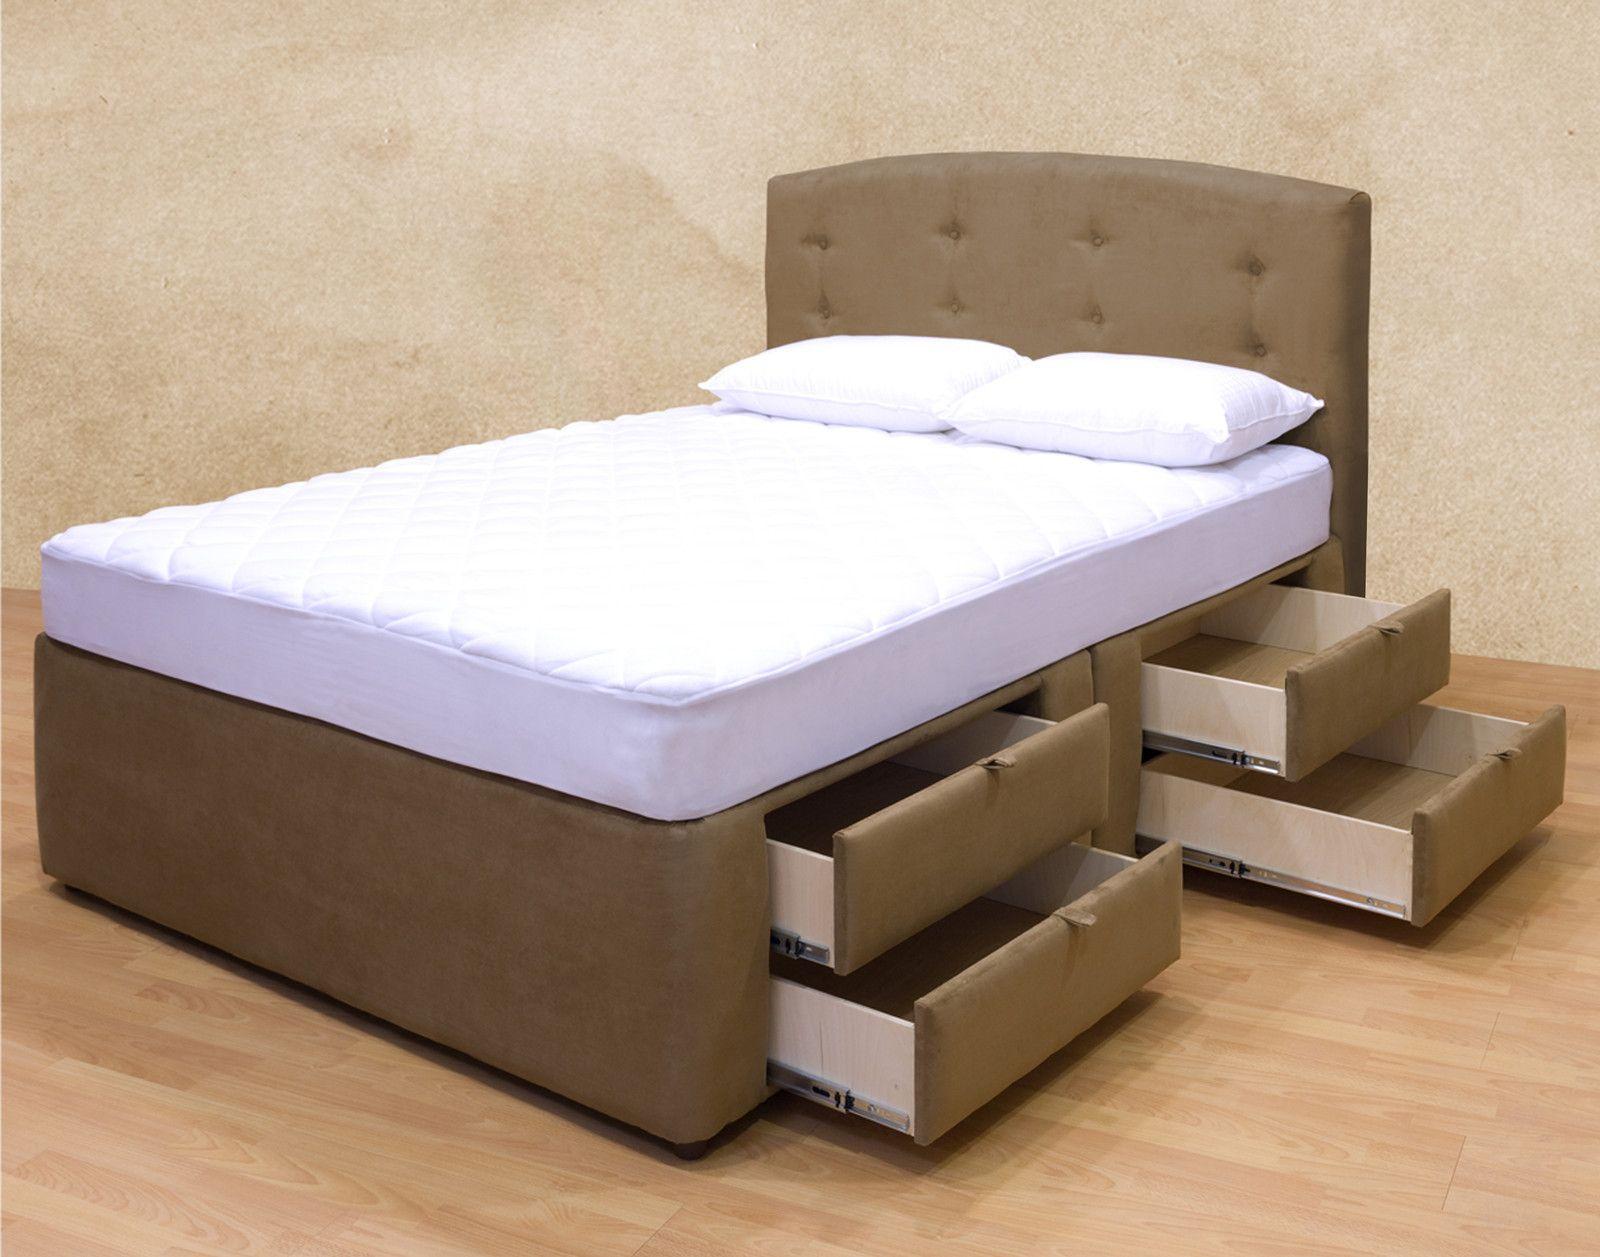 Esmeralda Luxury Bed 8 Drawers